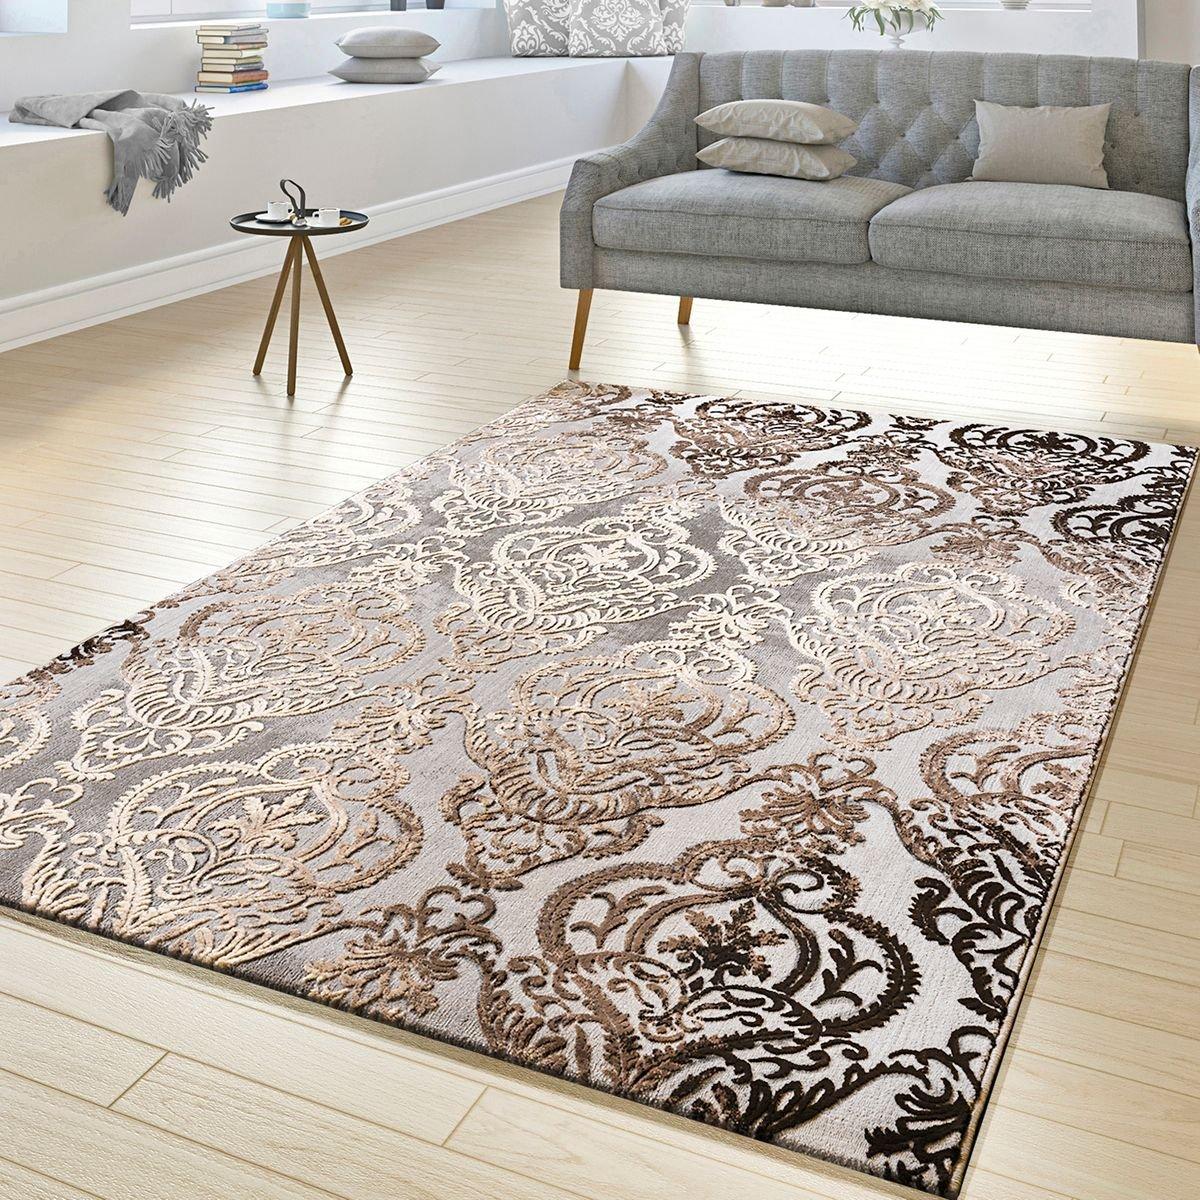 Wohnzimmer Grau Beige | T T Design Teppich Wohnzimmer Abstrakt Grosse Ornament Muster